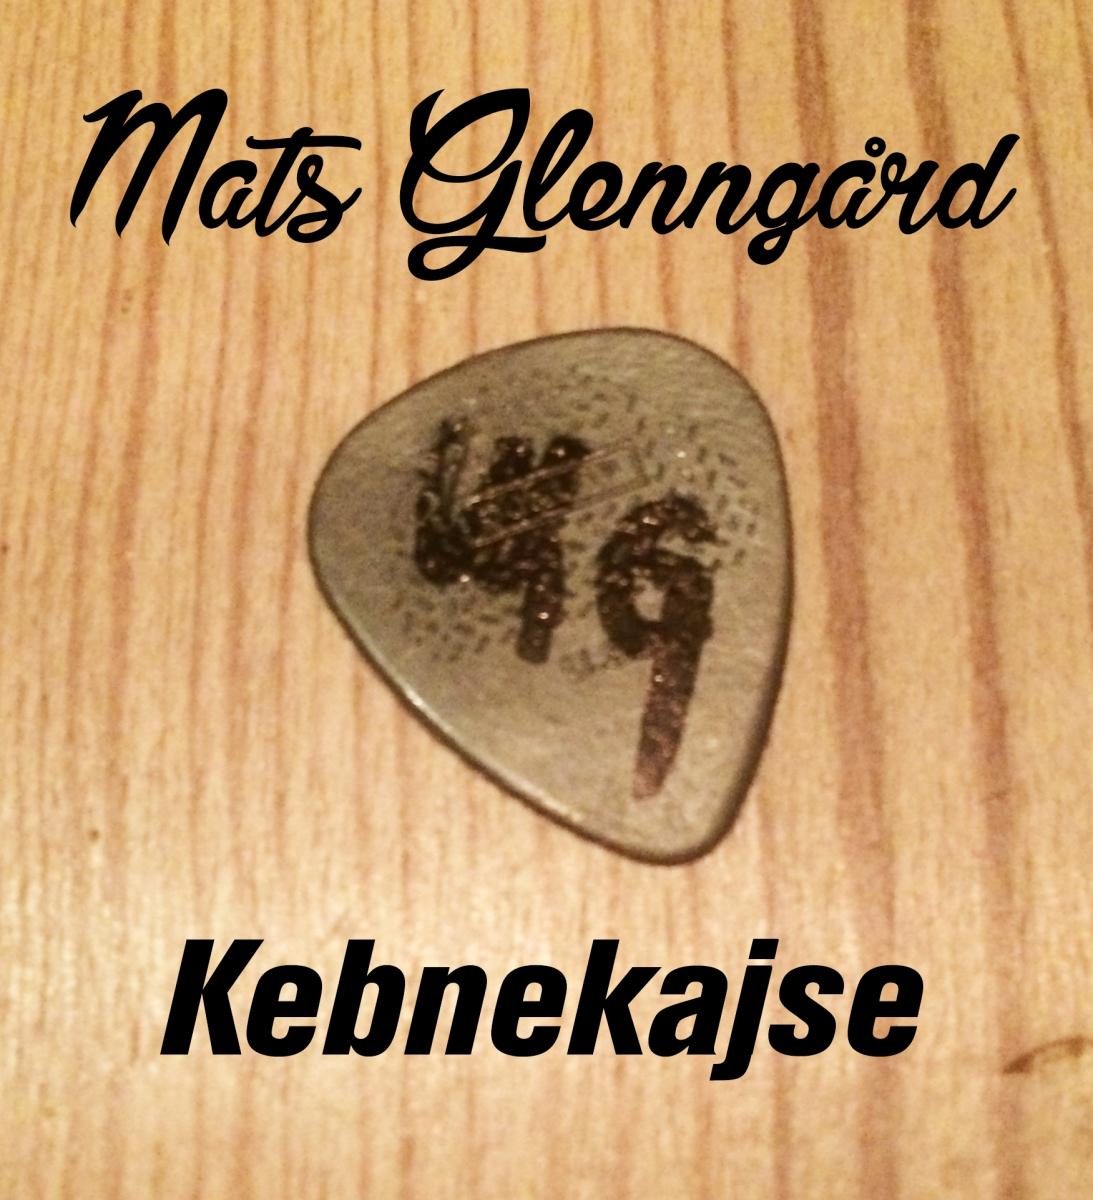 Mats Glenngård